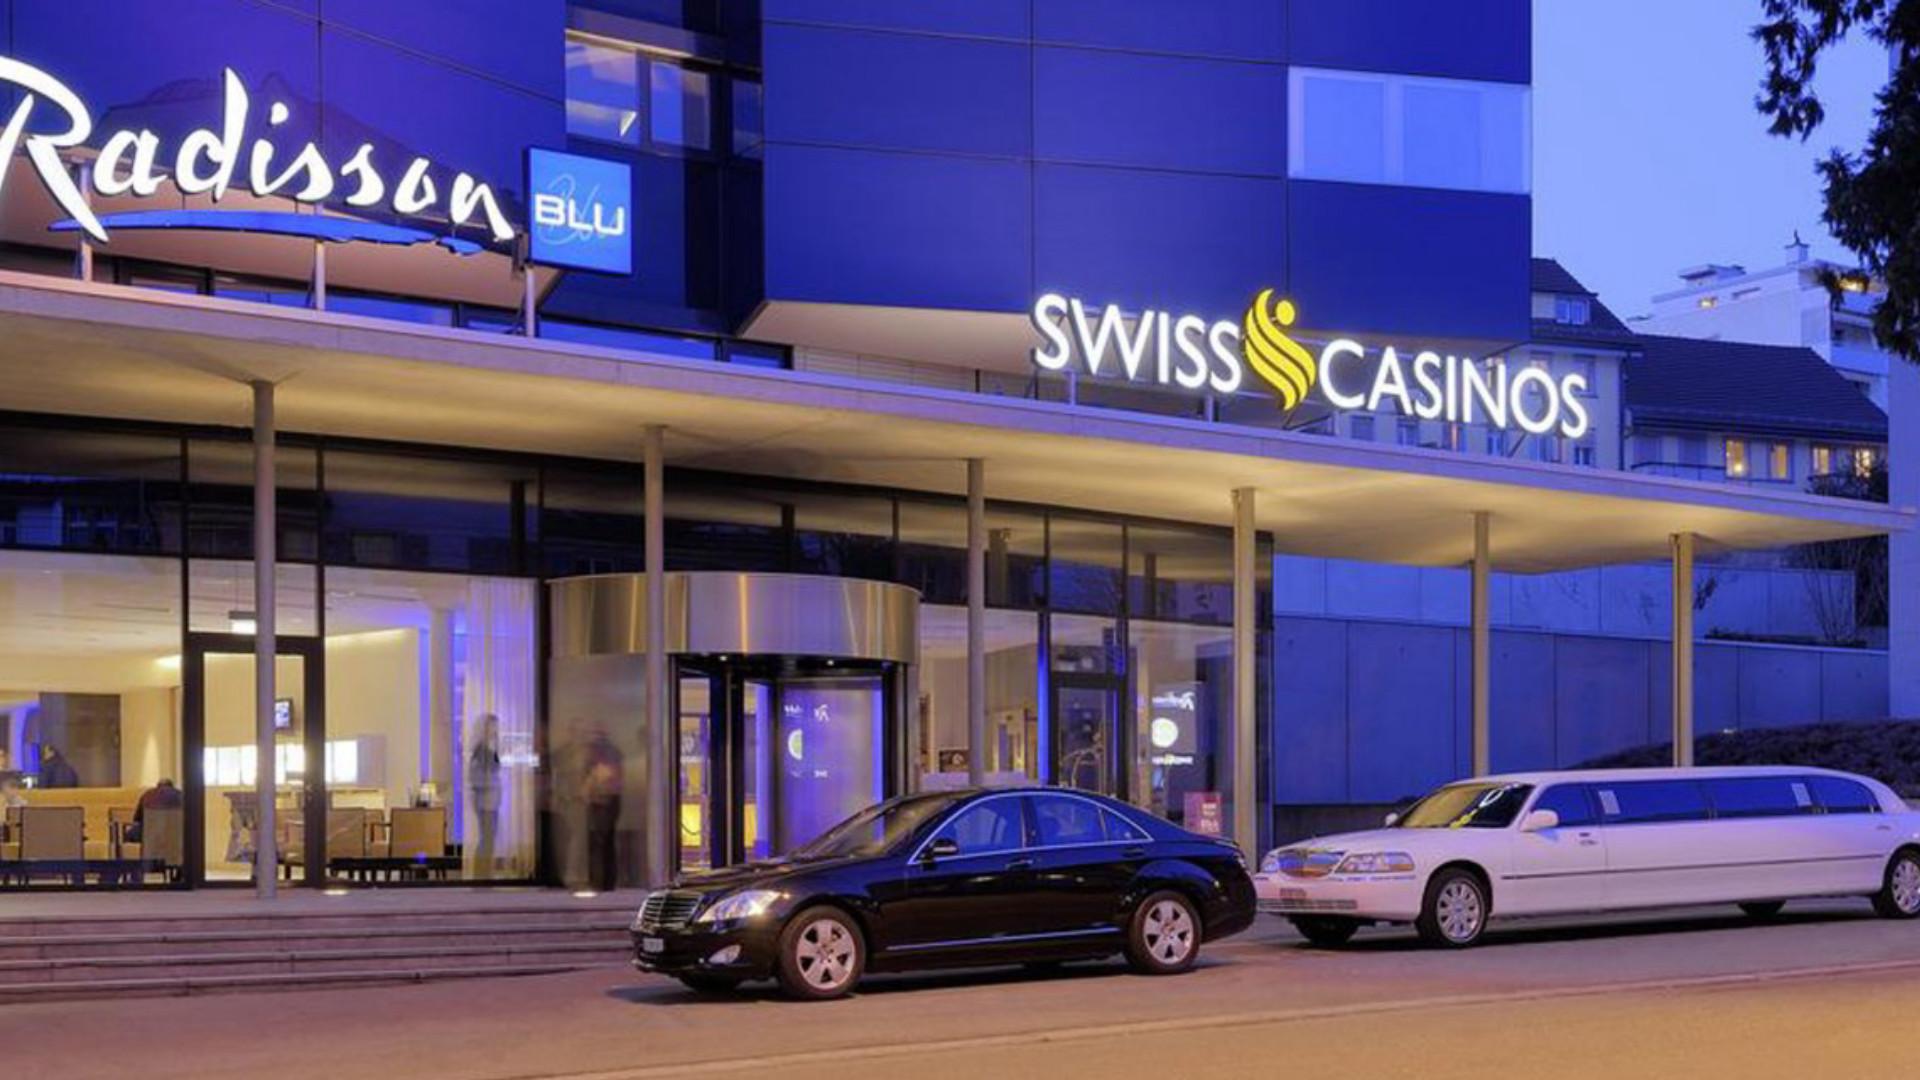 Radisson Blu Hotel St.Gallen